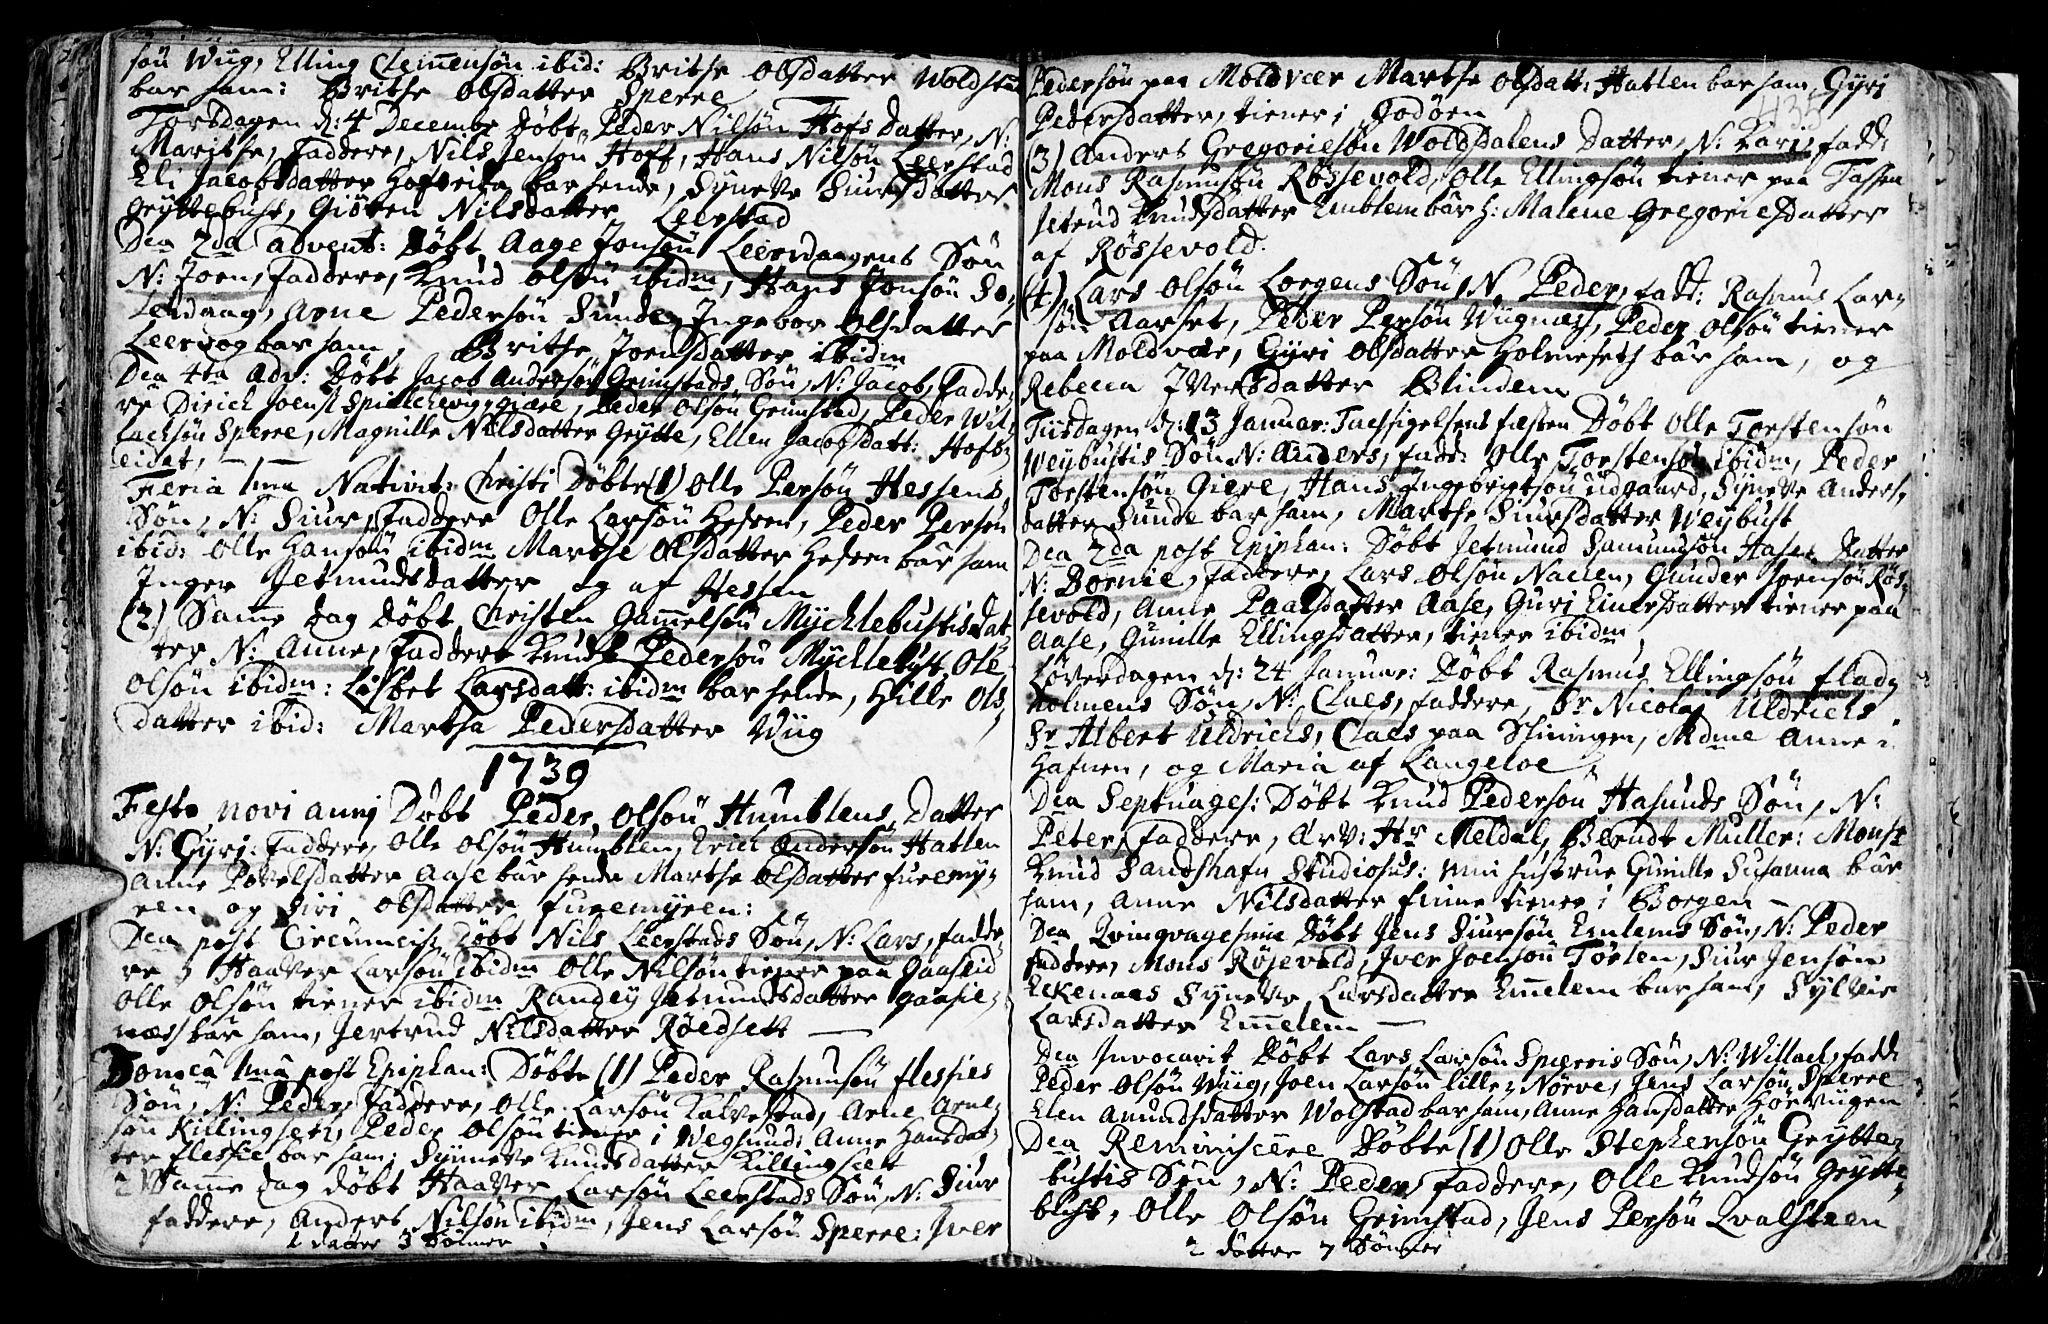 SAT, Ministerialprotokoller, klokkerbøker og fødselsregistre - Møre og Romsdal, 528/L0390: Ministerialbok nr. 528A01, 1698-1739, s. 434-435